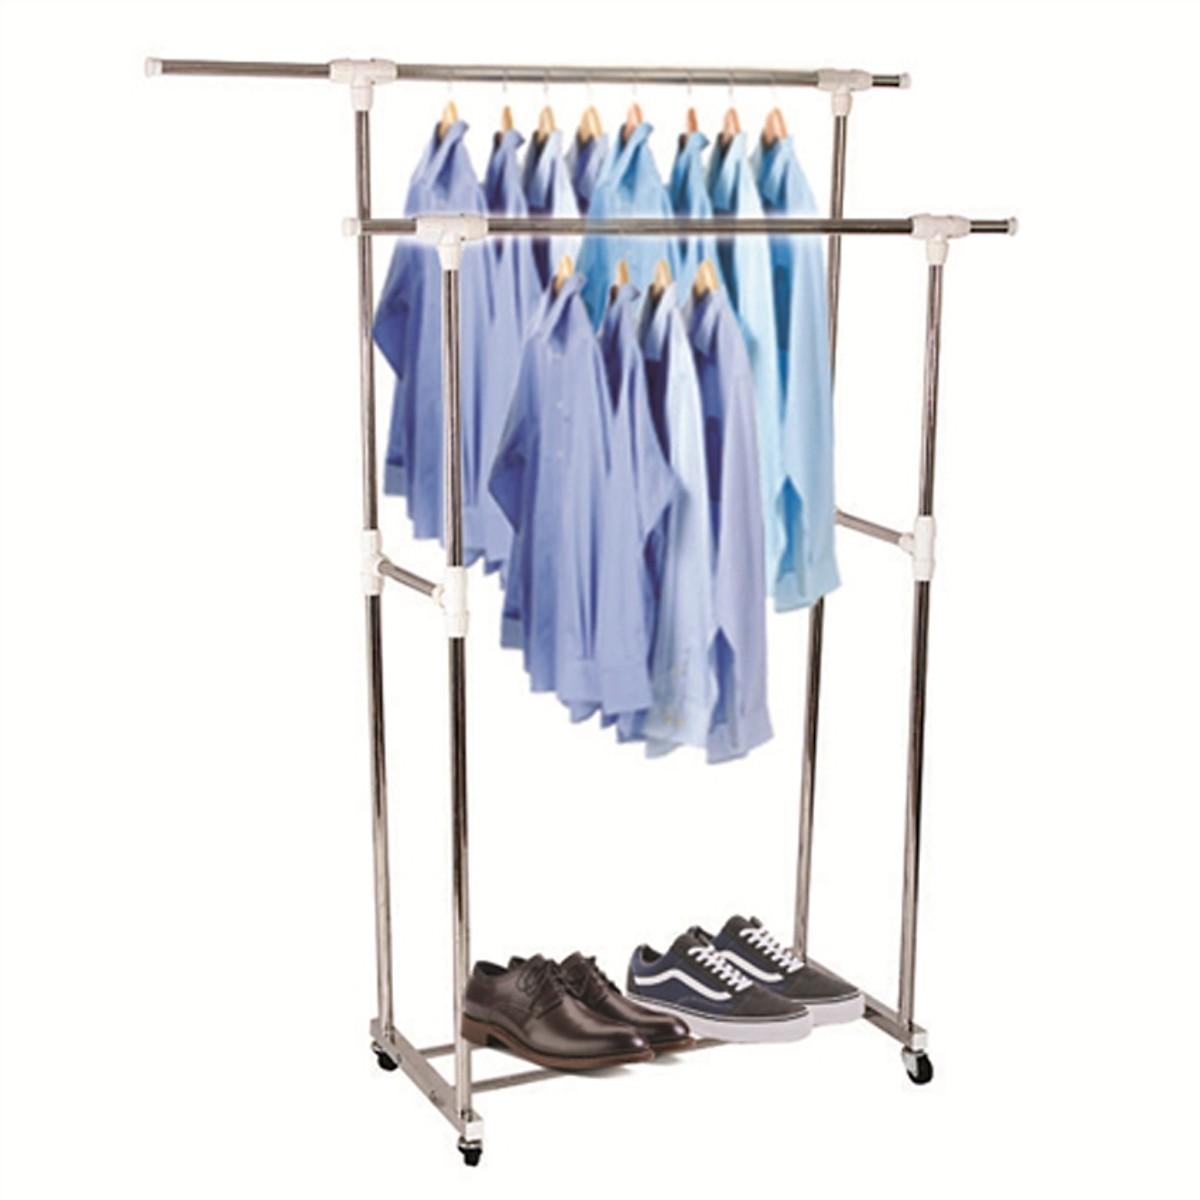 Giàn phơi quần áo inox đôi di động cao cấp Prota